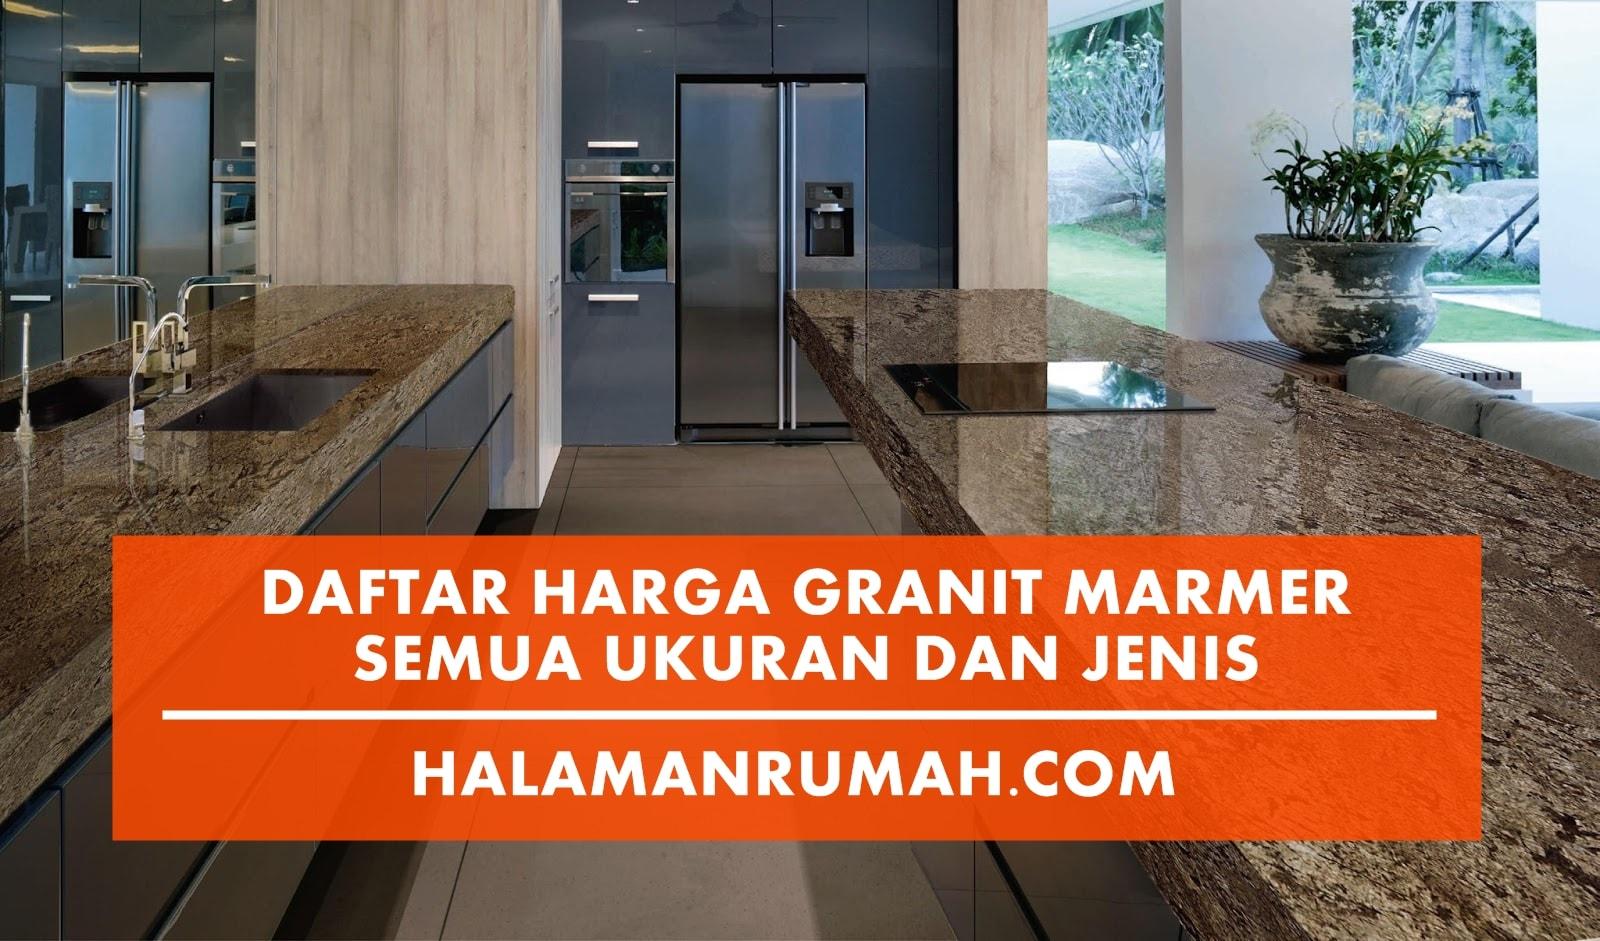 Harga Granit Marmer 2018